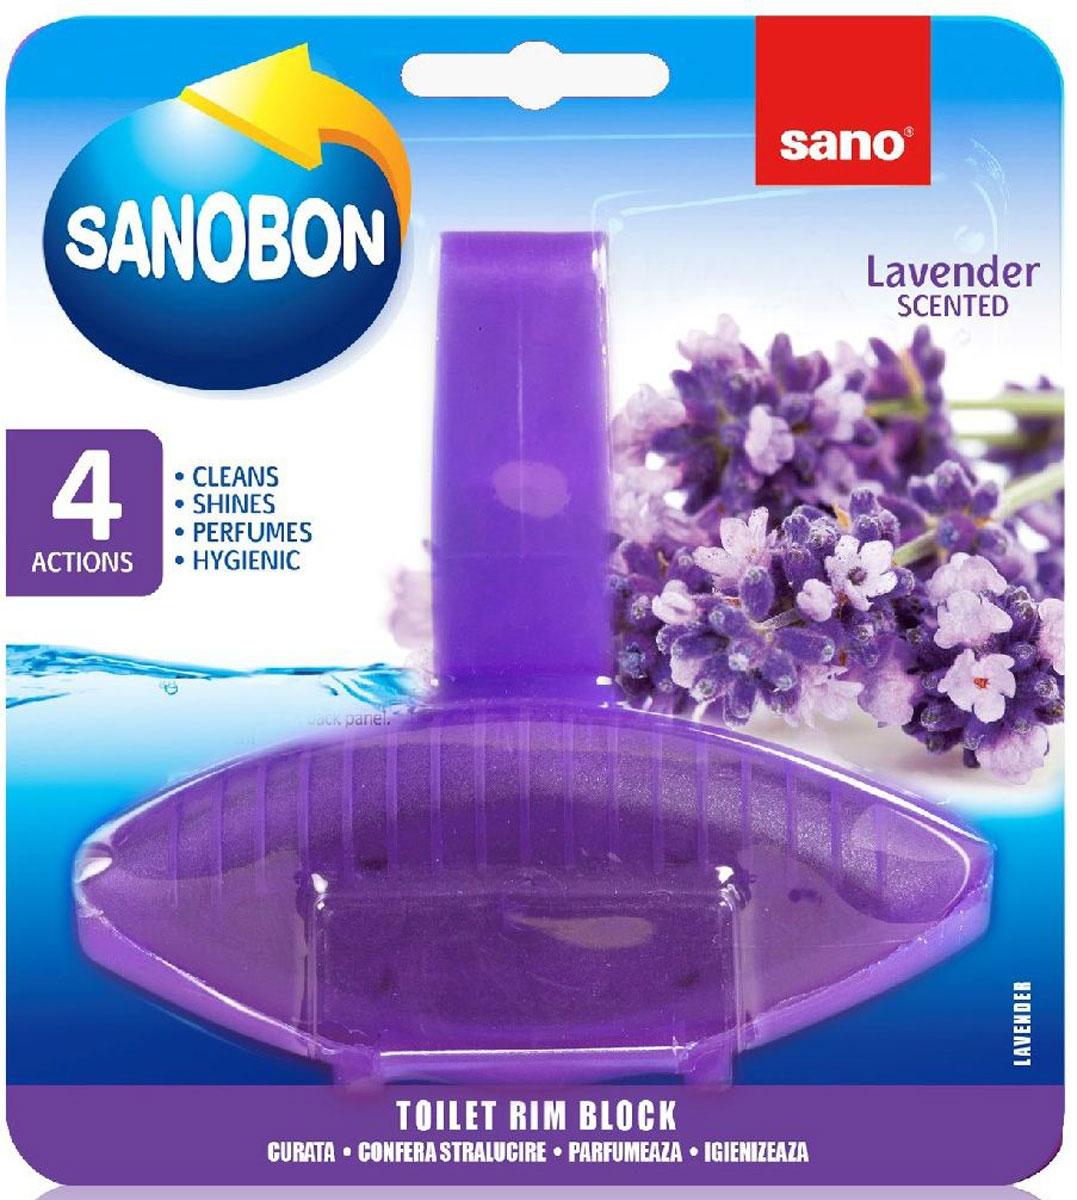 Подвеска для унитаза Sano Sanobon Blue Purple Lavender, классическая, 55 г600088Серия экономичных упаковок для унитаза. 5 функций: обладает гигиеническими свойствами, моет, придает блеск, освежает, окрашивает воду. До 800 сливов